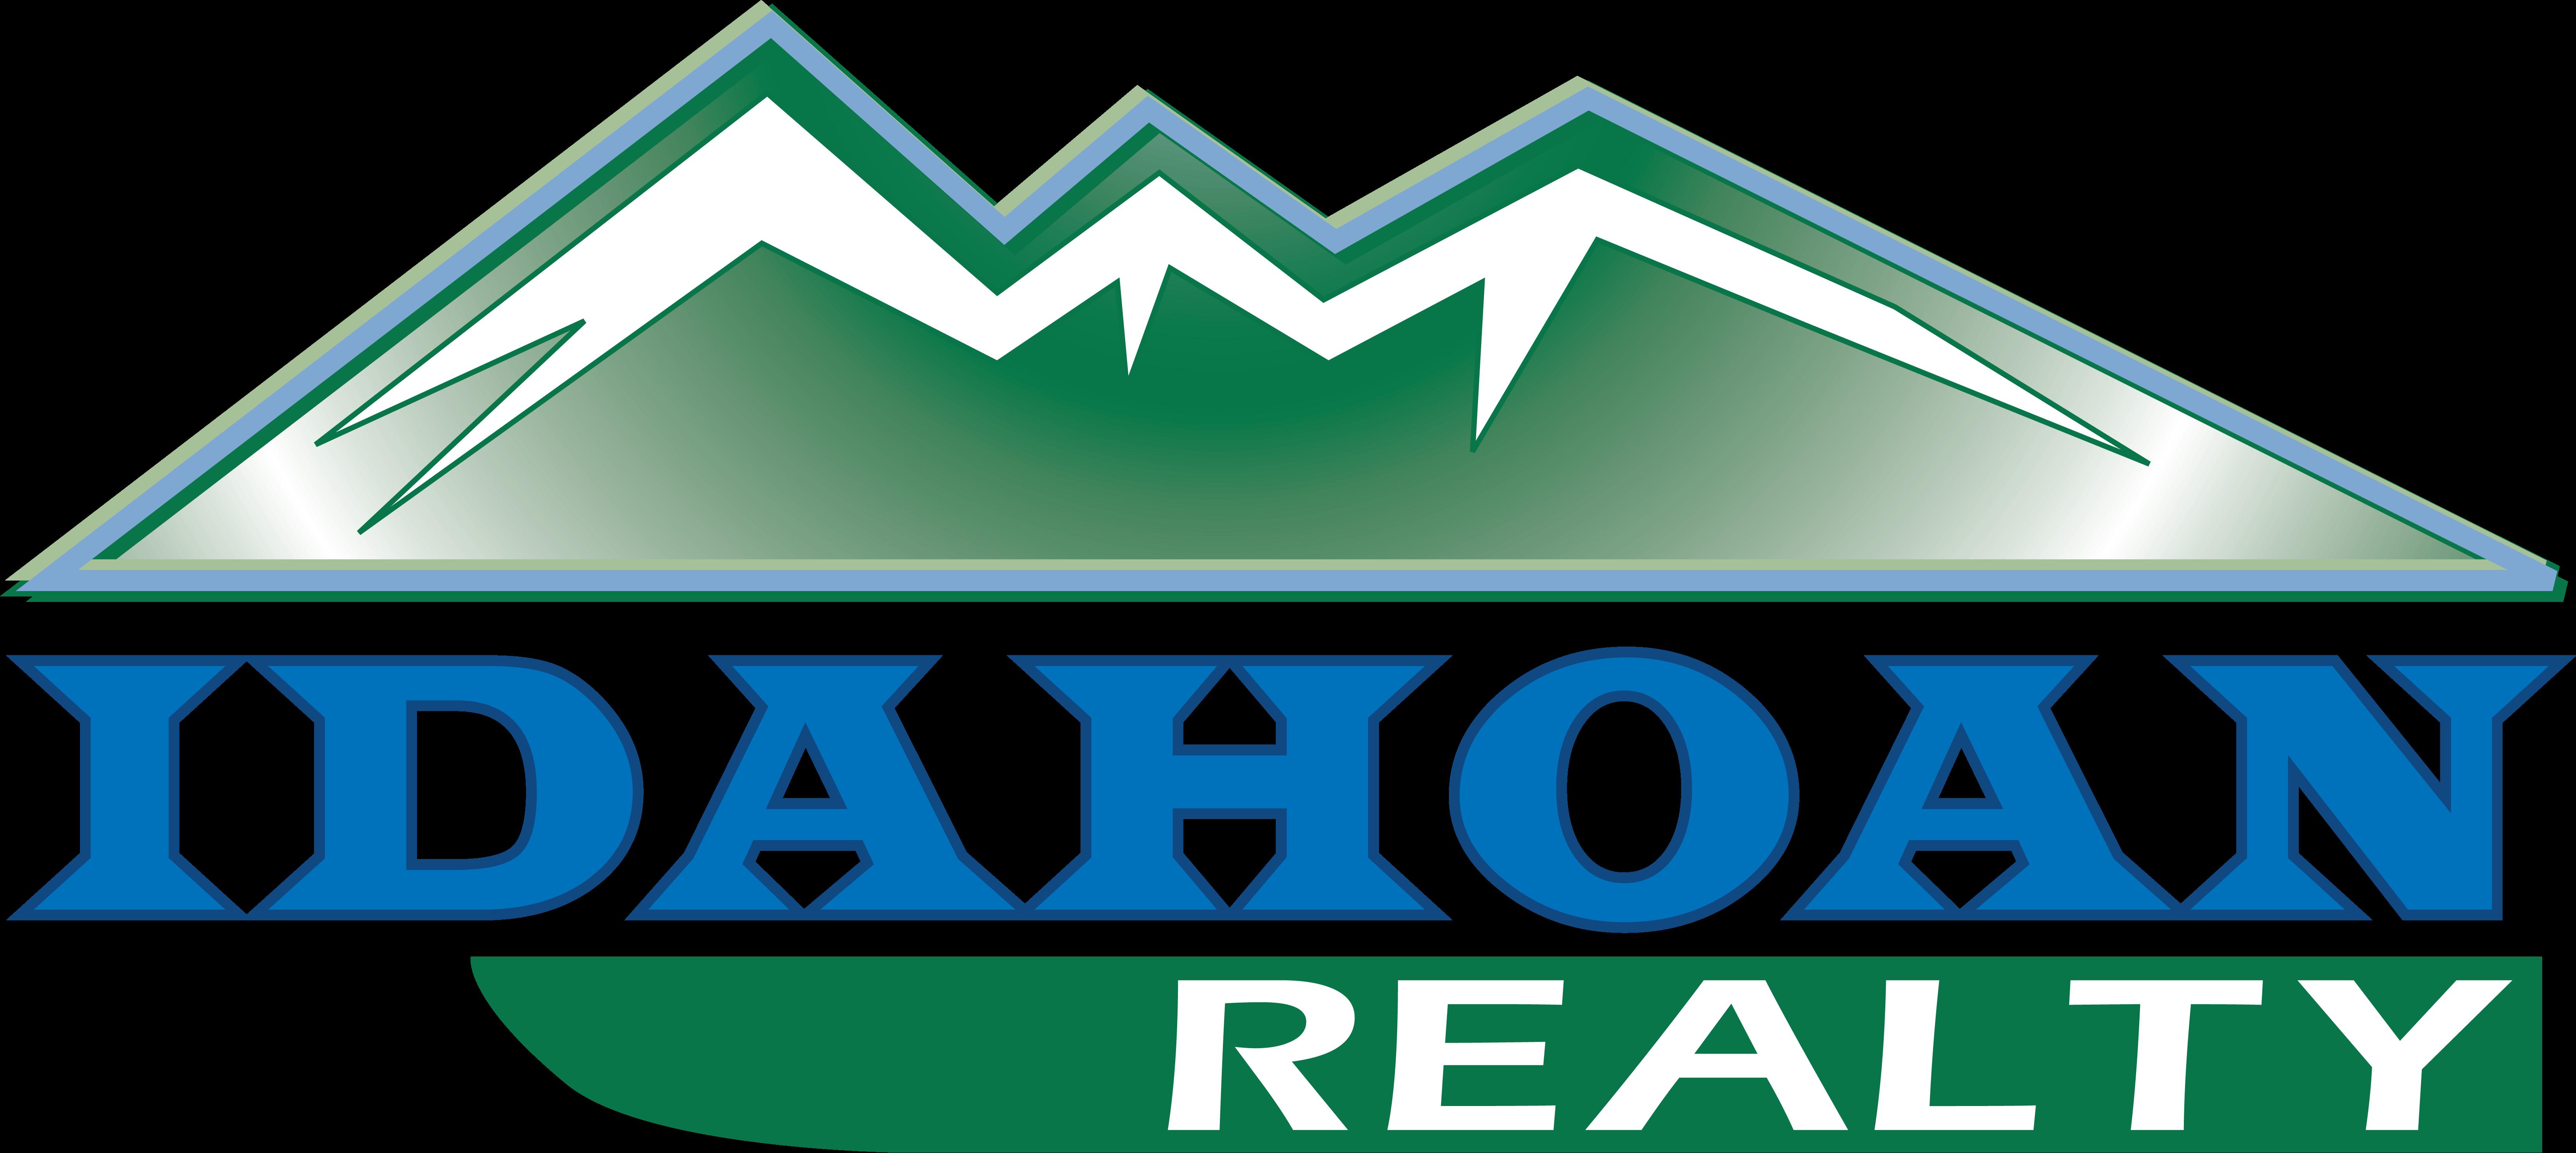 Idahoan Realty Bringing You Back Home